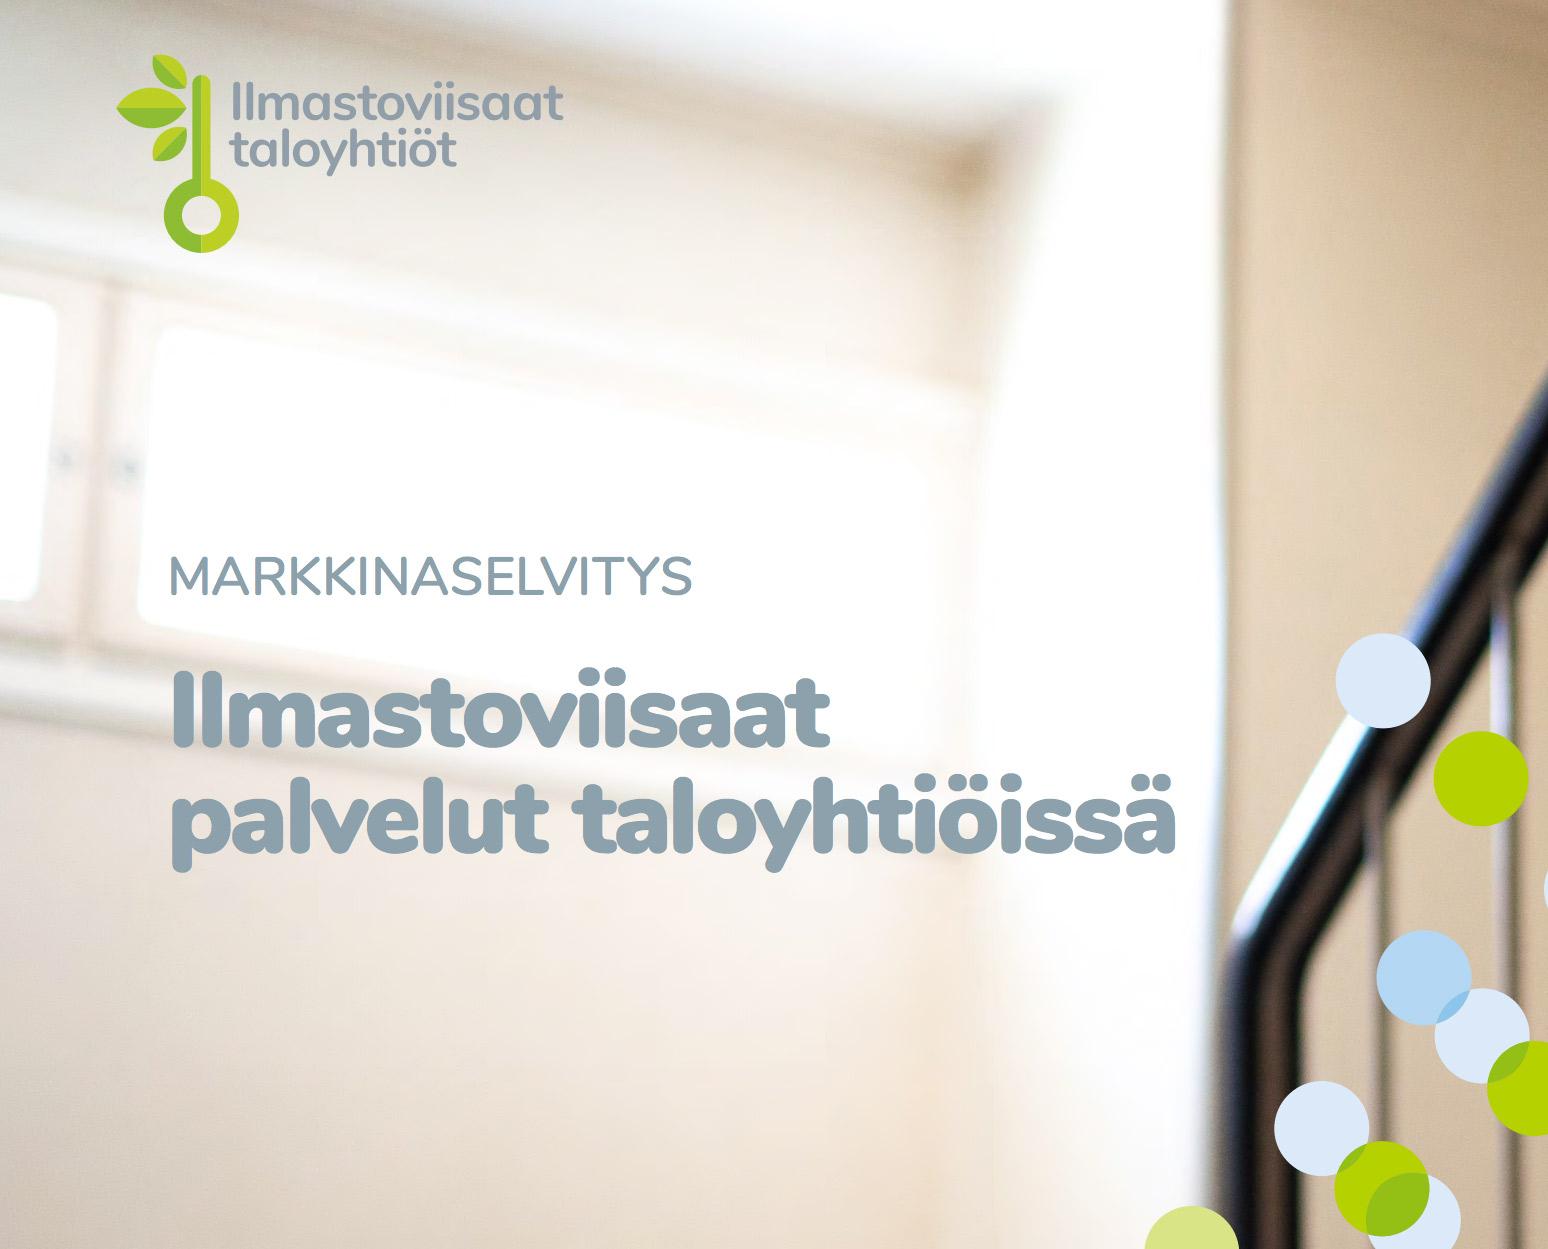 Cover for article 'Ilmastoviisaat palvelut taloyhtiöissä -markkinaselvitys'